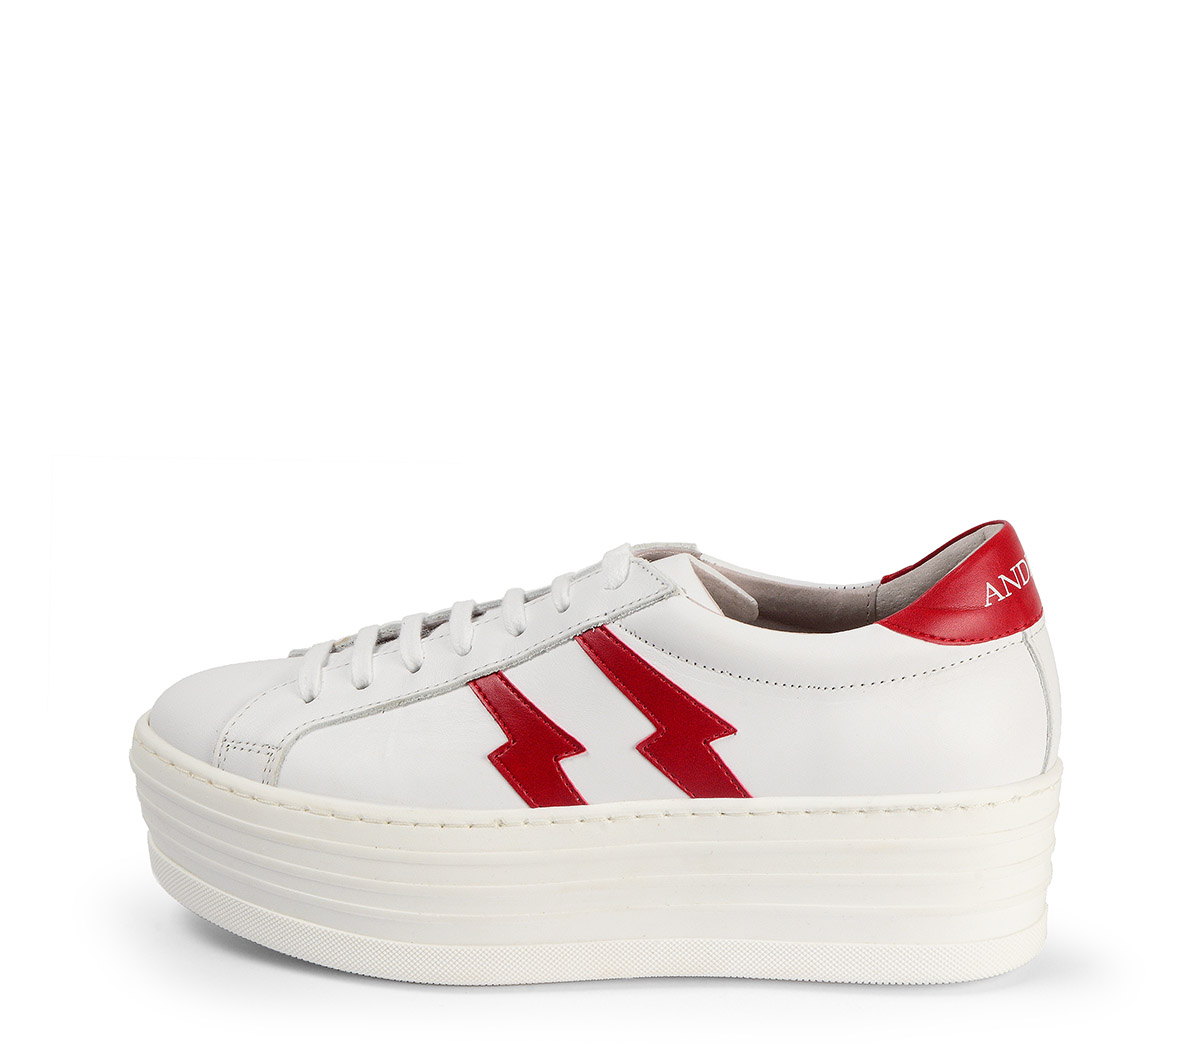 Ref. 3784 Sneaker de piel en blanco con dos rayos en piel roja en el exterior y en el interior. Cordones al tono. Plataforma de 5.5 cm.